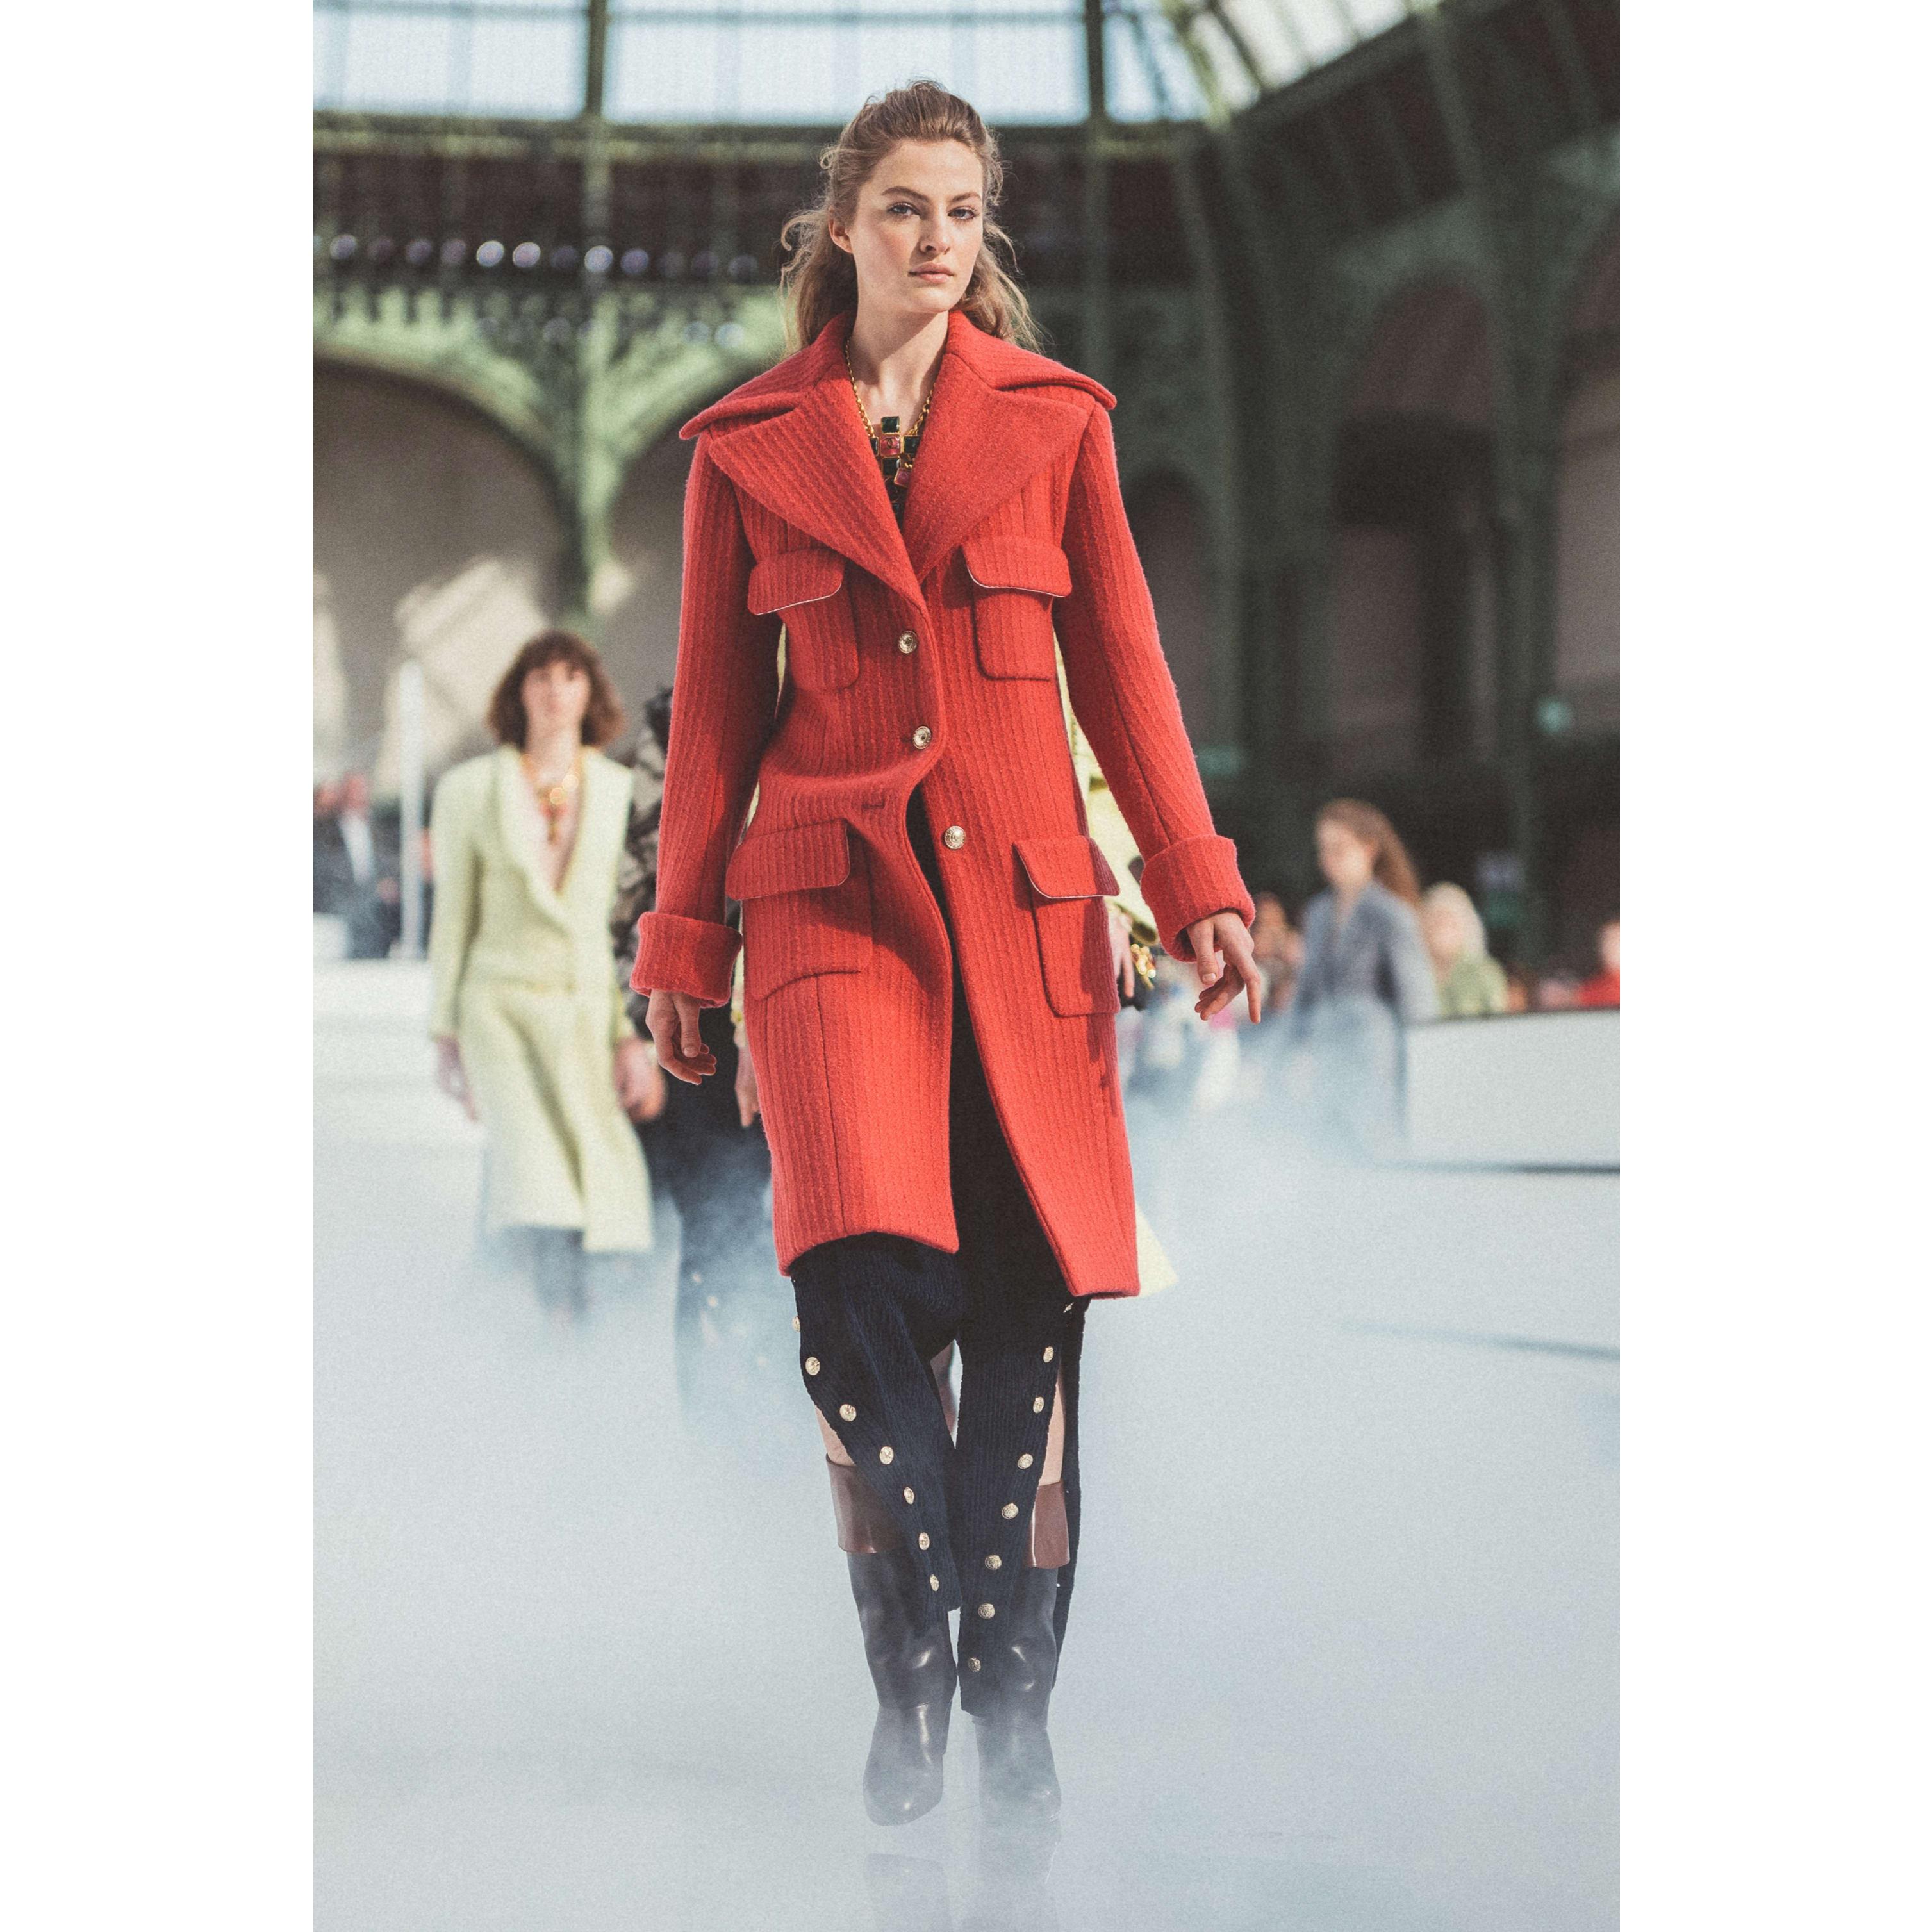 Płaszcz - Kolor malinoworóżowy - Tweed wełniany - CHANEL - Widok domyślny – zobacz w standardowym rozmiarze